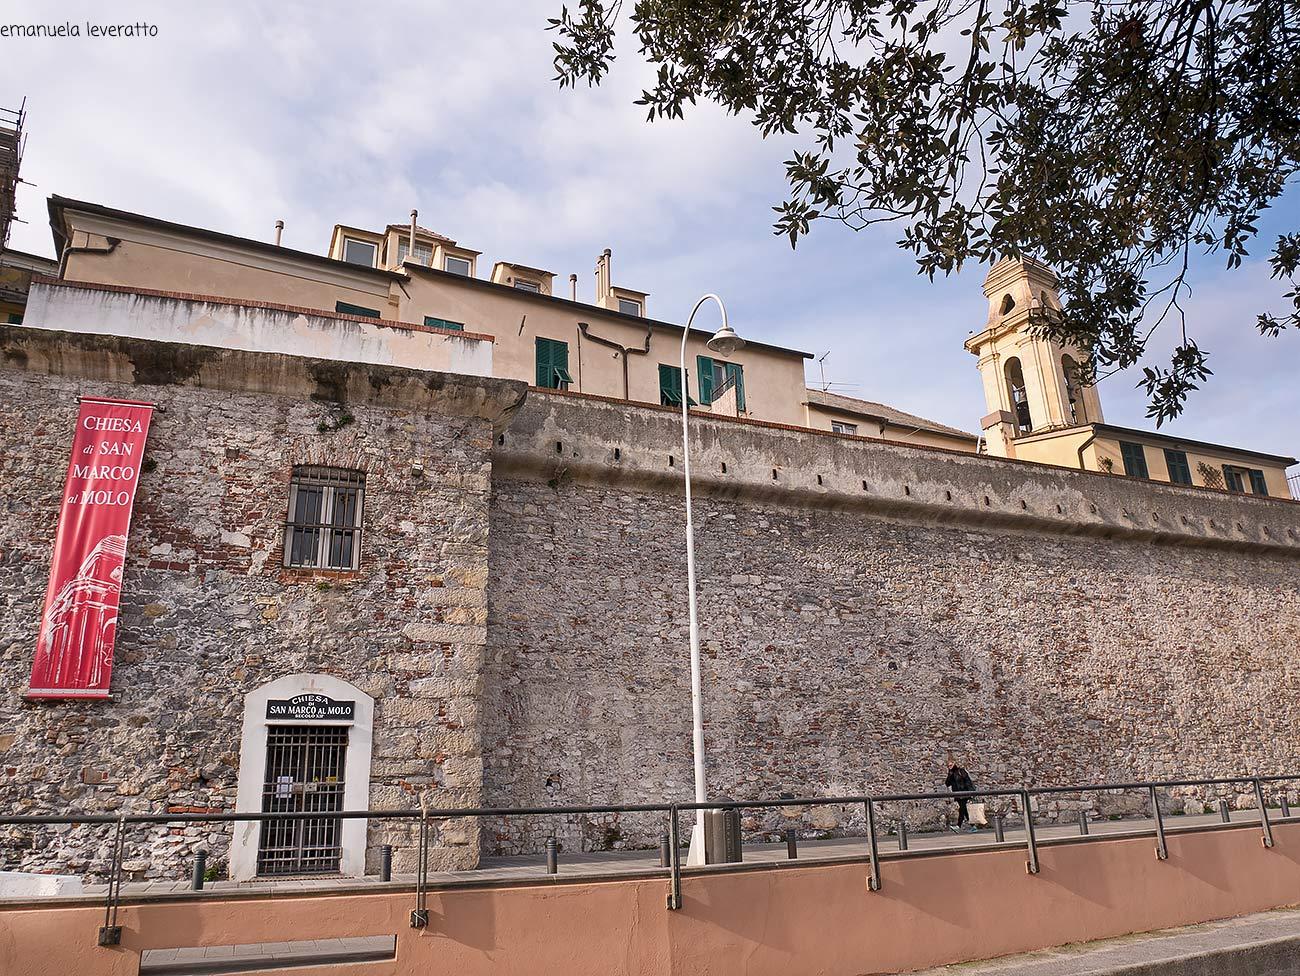 chiesa san marco al moloporto antico di Genova (2)